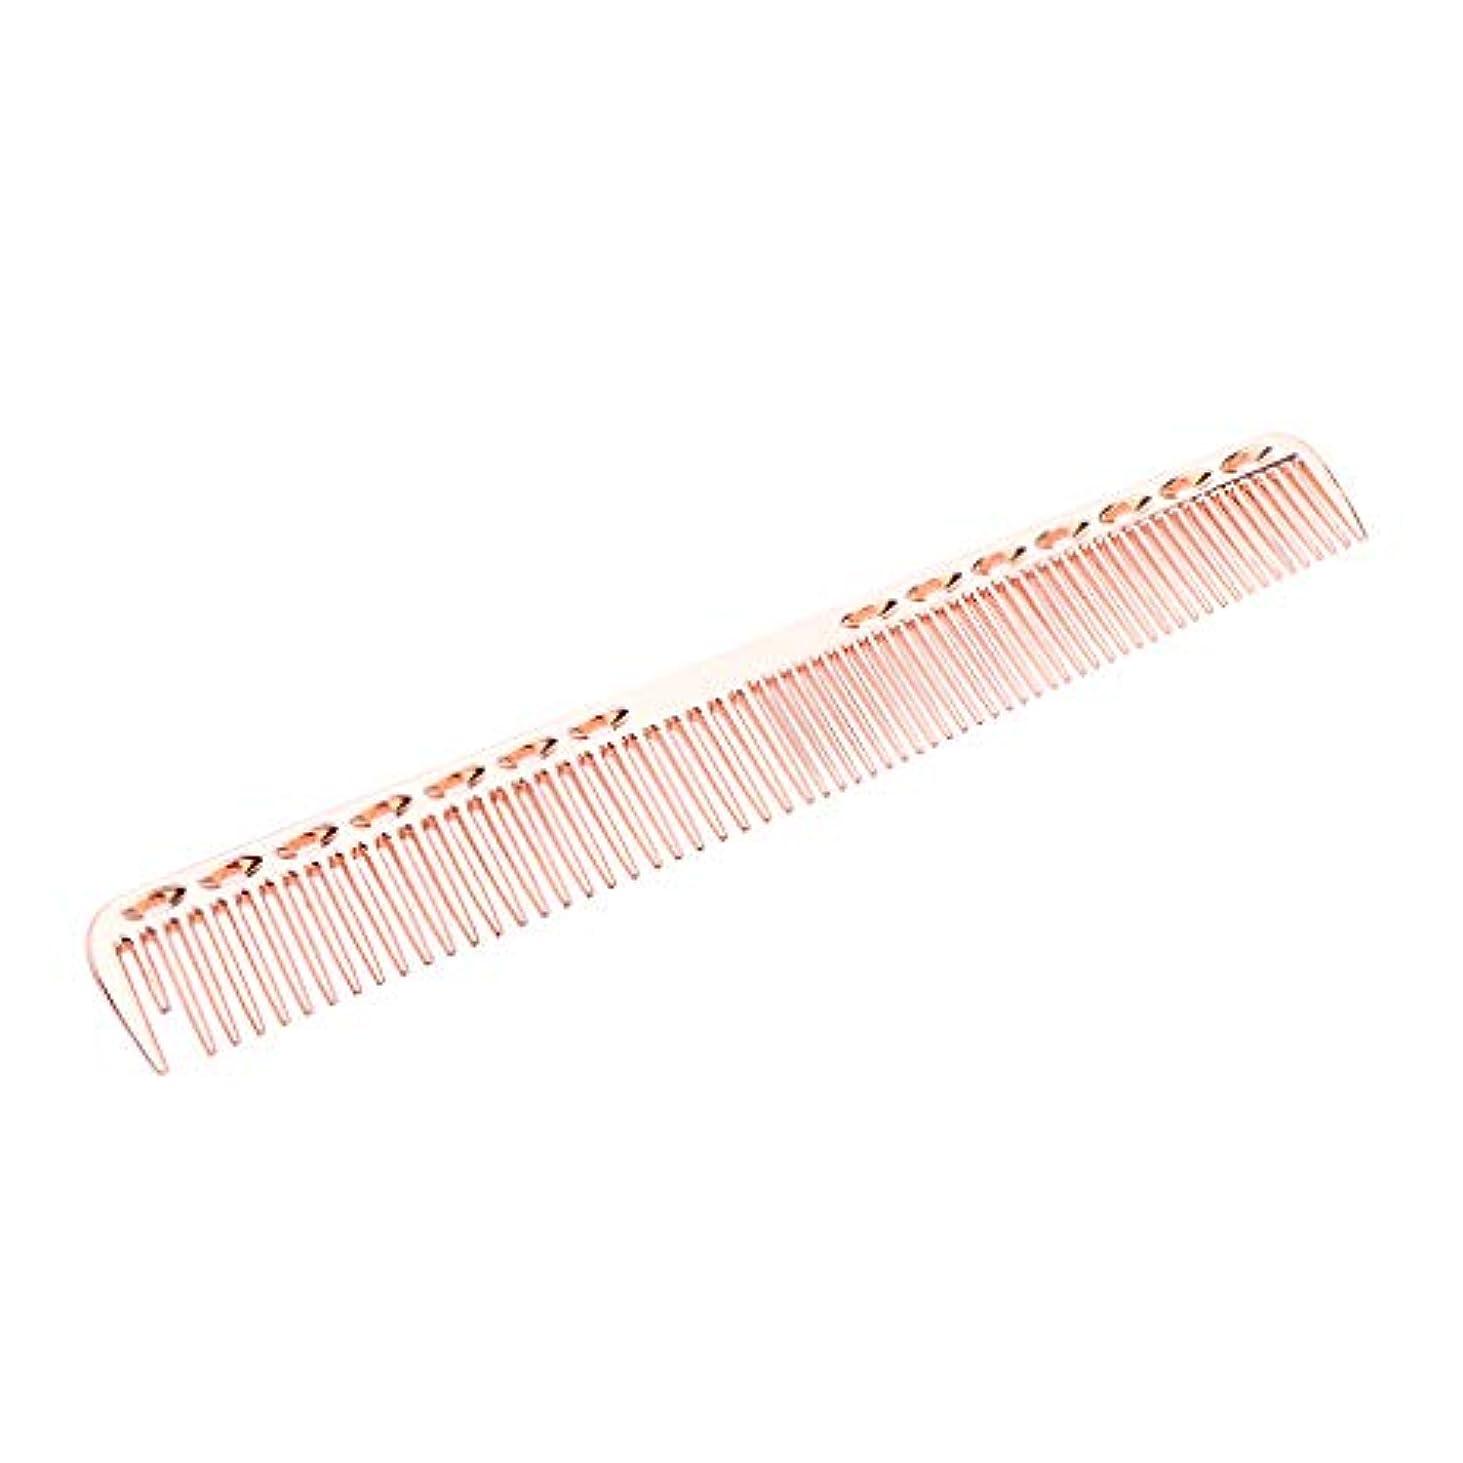 浴室補助分岐する帯電防止櫛 頭皮マッサージ ヘアコーム ヘアブラシ 5色選べ - ローズピンク